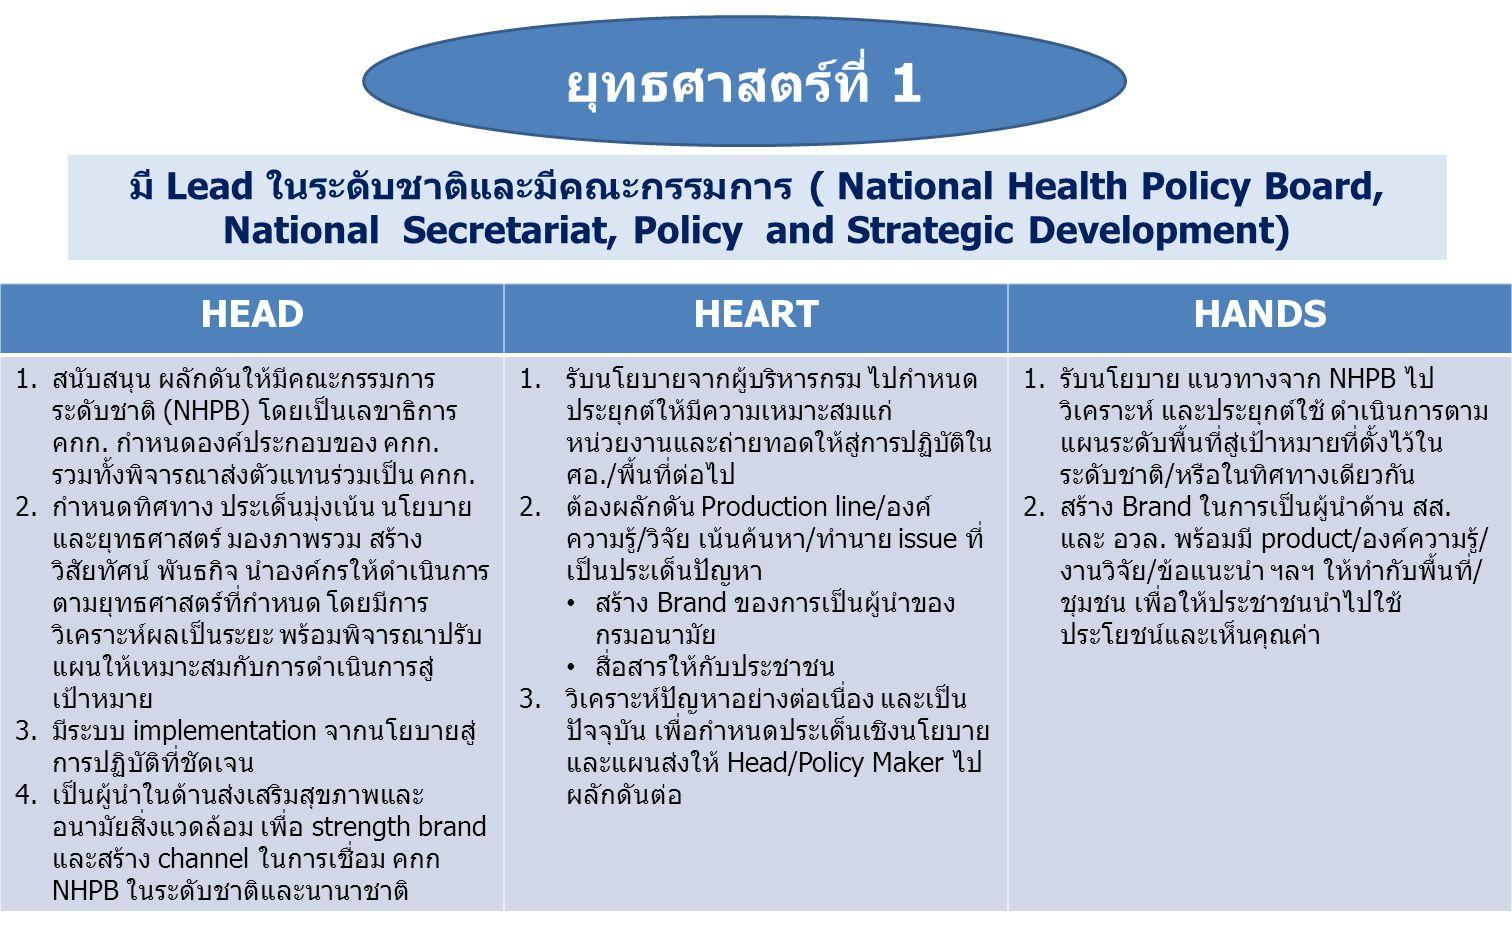 ยุทธศาสตร์ที่ 1 มี Lead ในระดับชาติและมีคณะกรรมการ ( National Health Policy Board, National Secretariat, Policy and Strategic Development) HEADHEARTHA